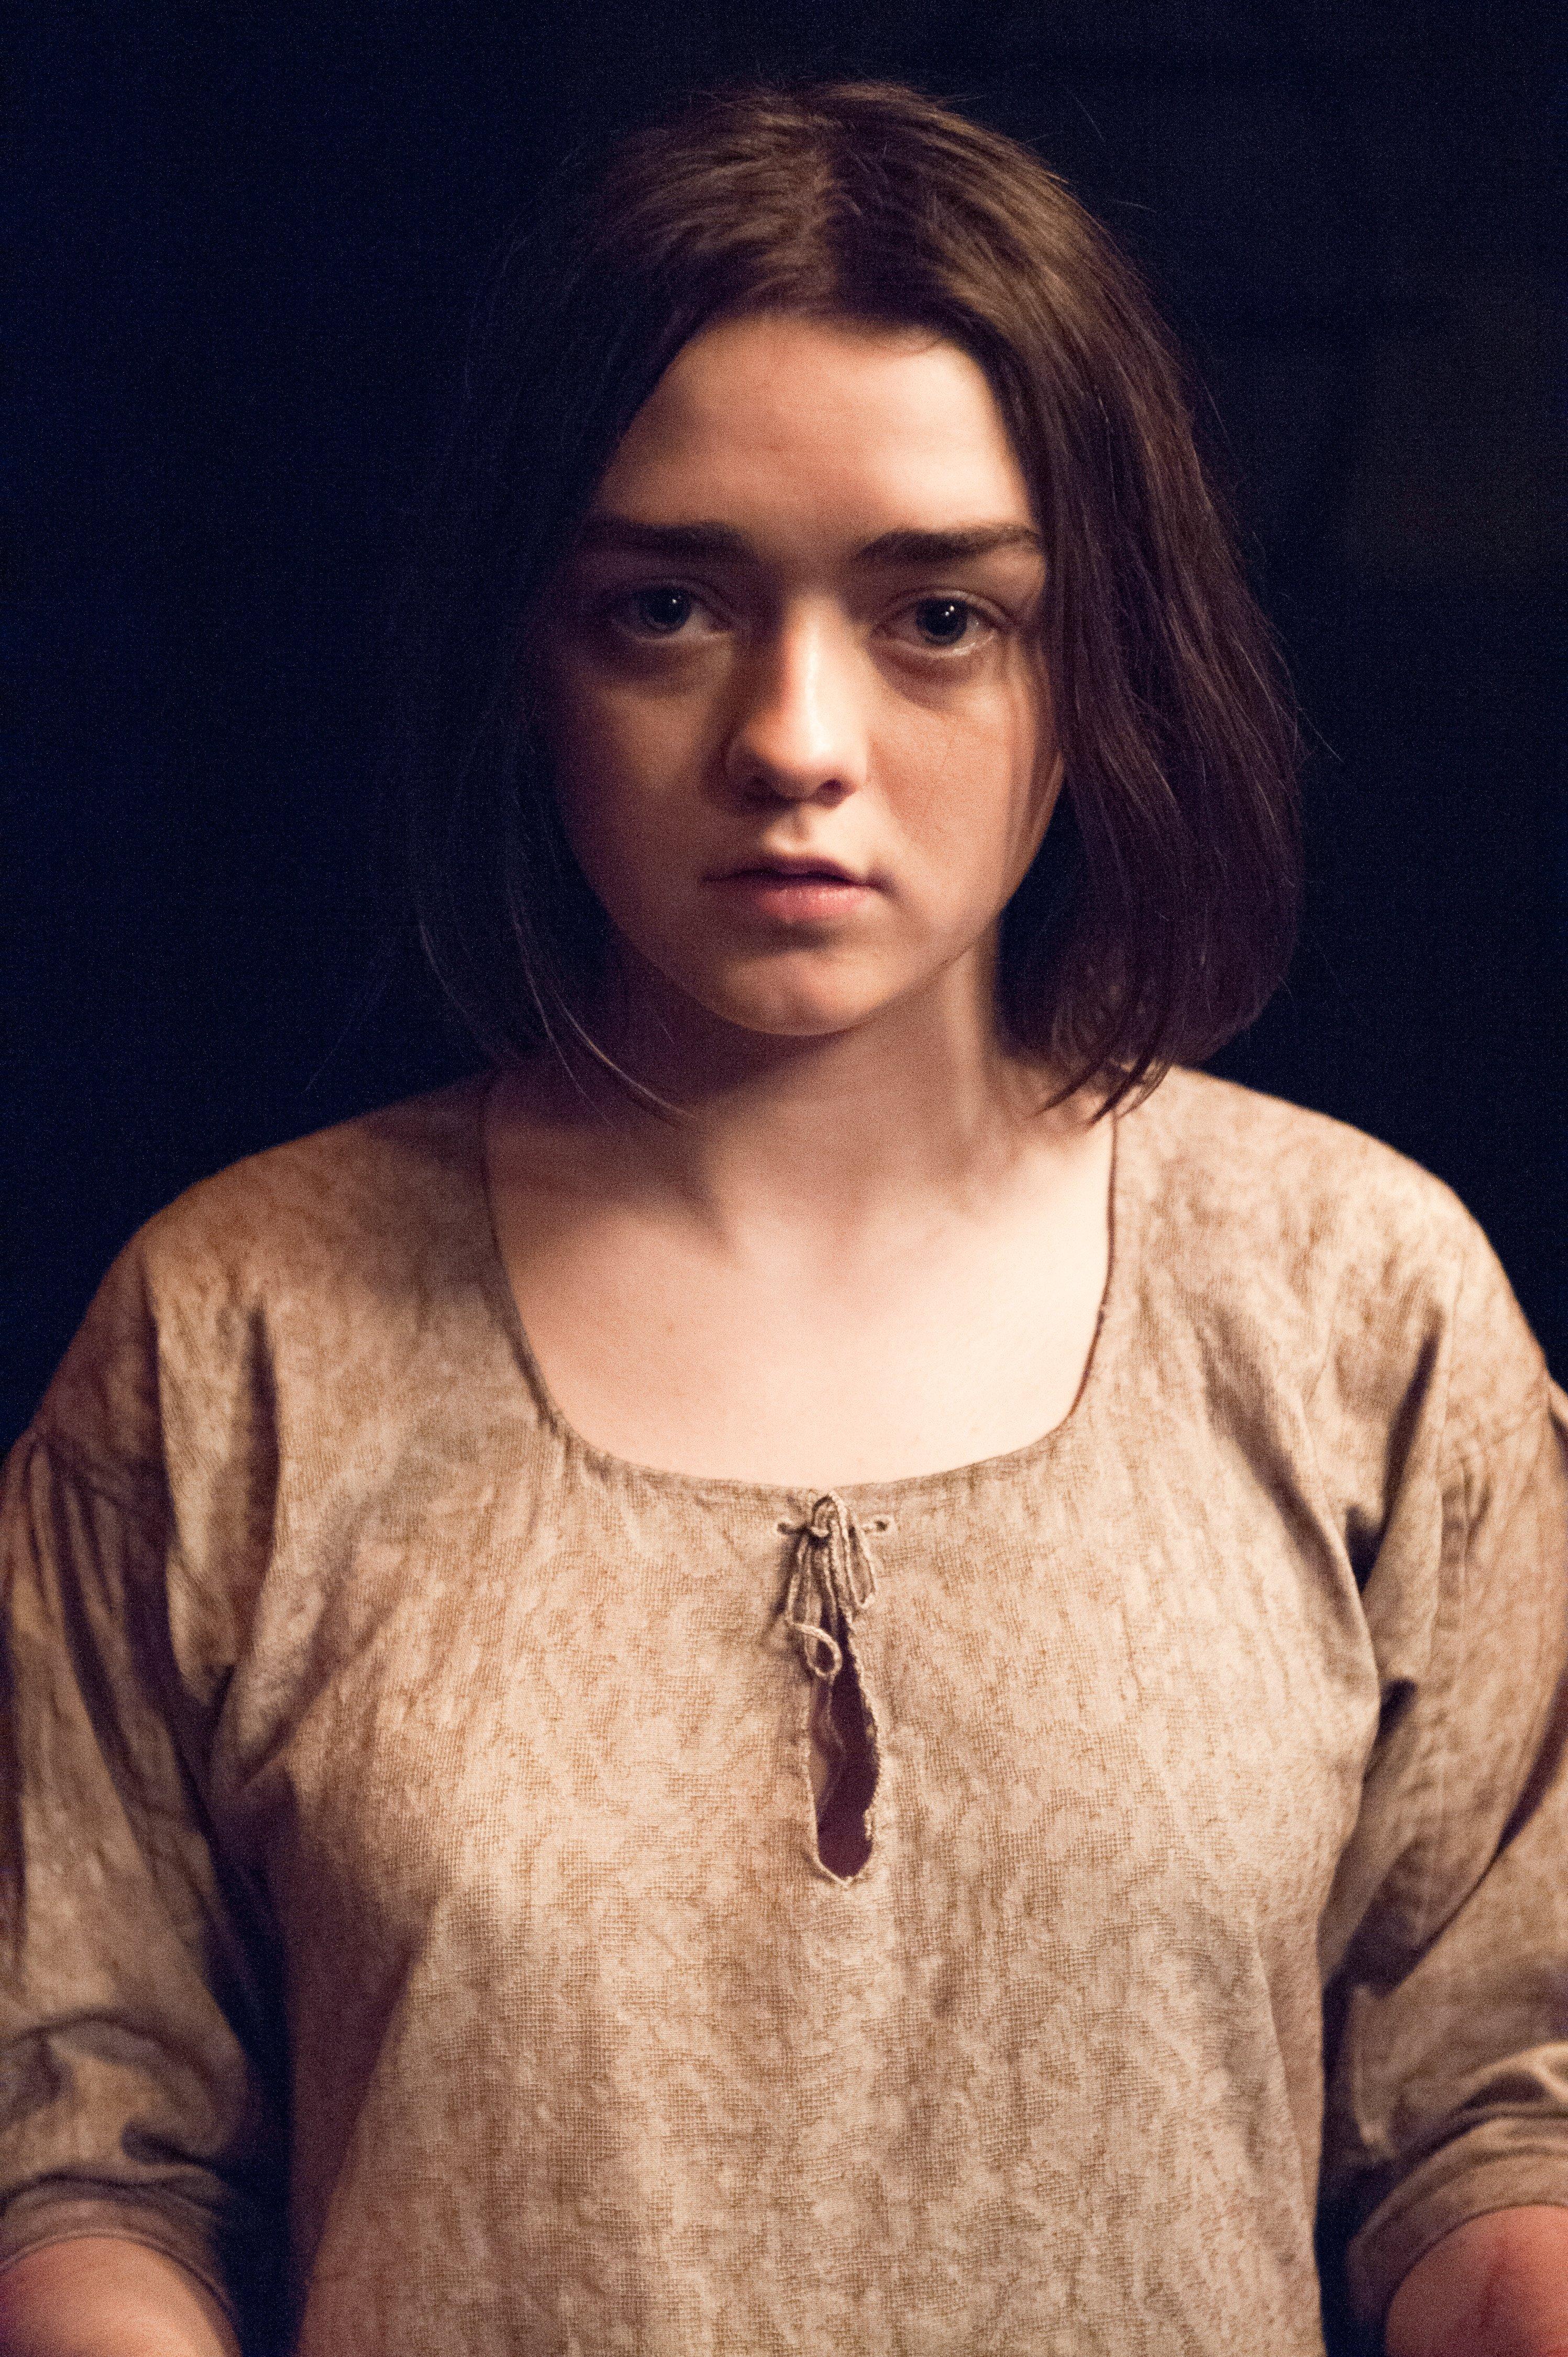 Arya Stark Arya Stark Photo 38570177 Fanpop